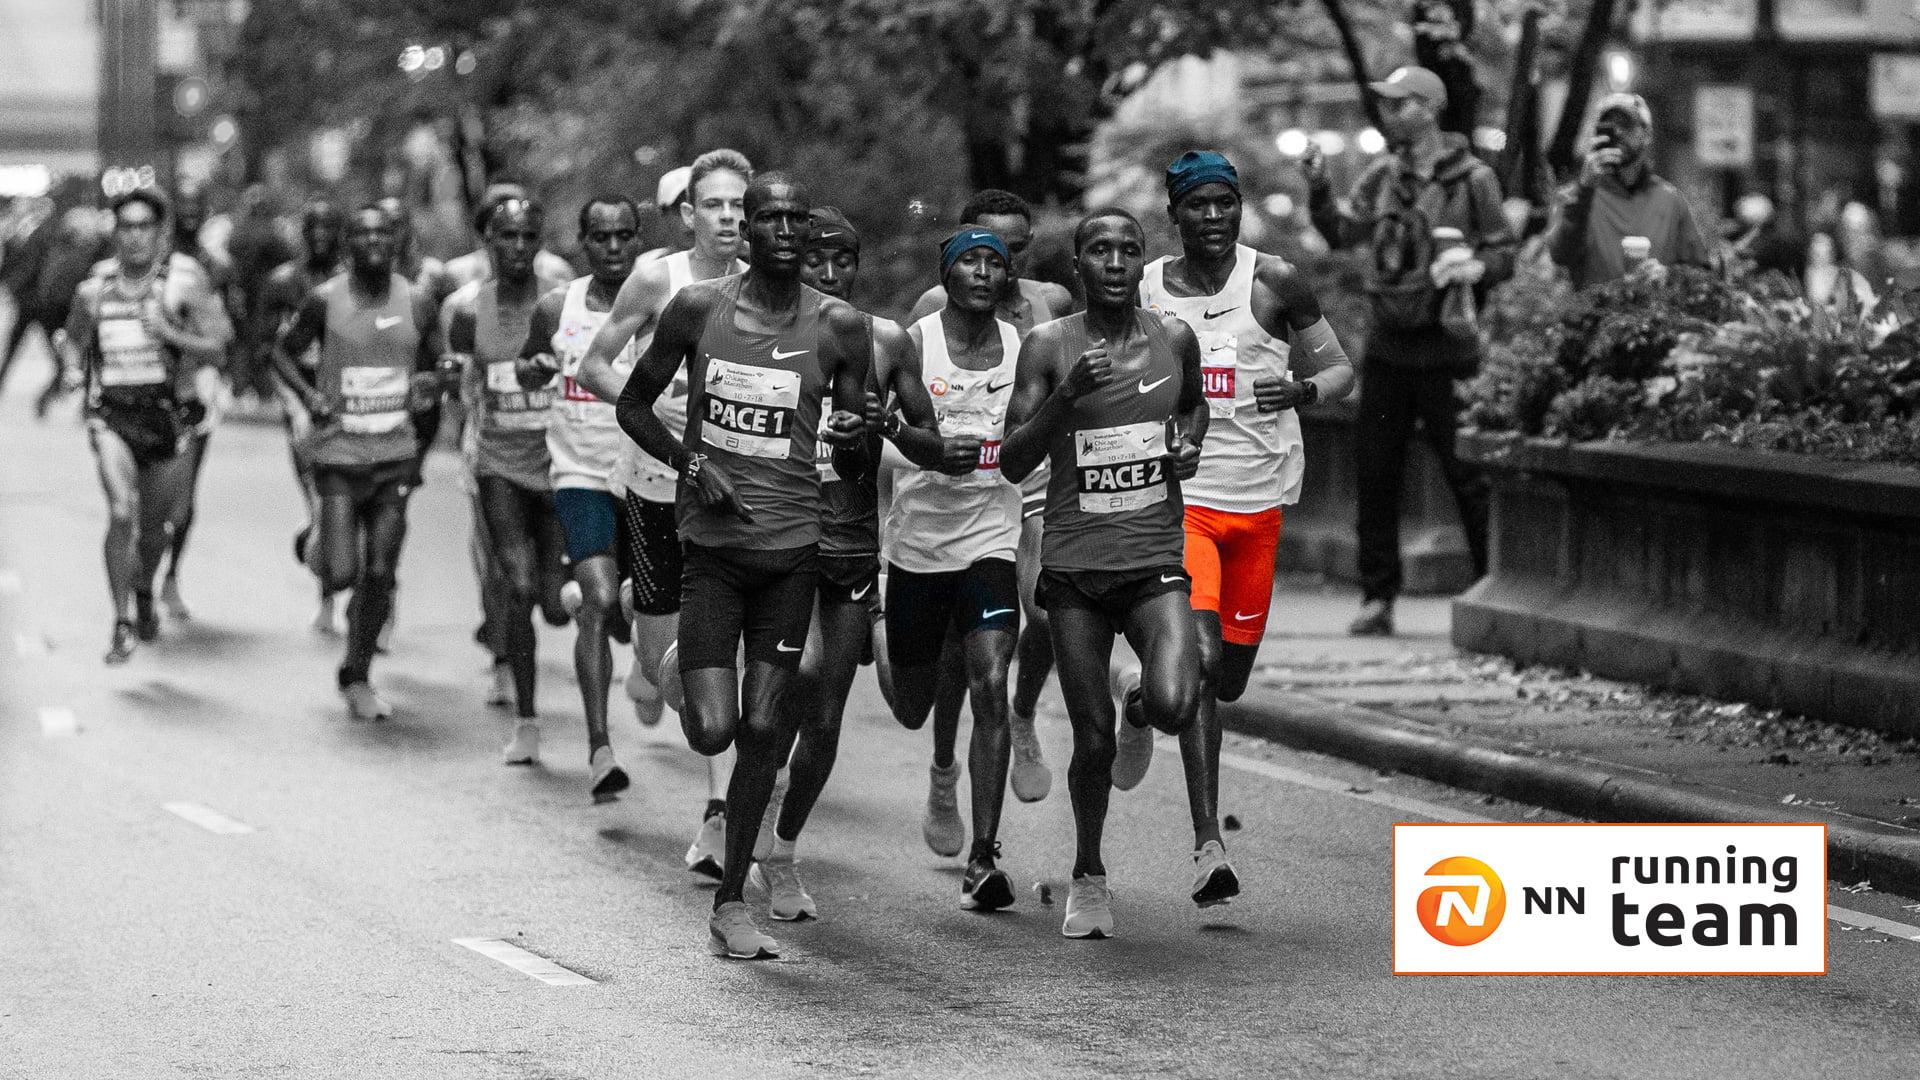 NN Running team Marathon Virtuoos